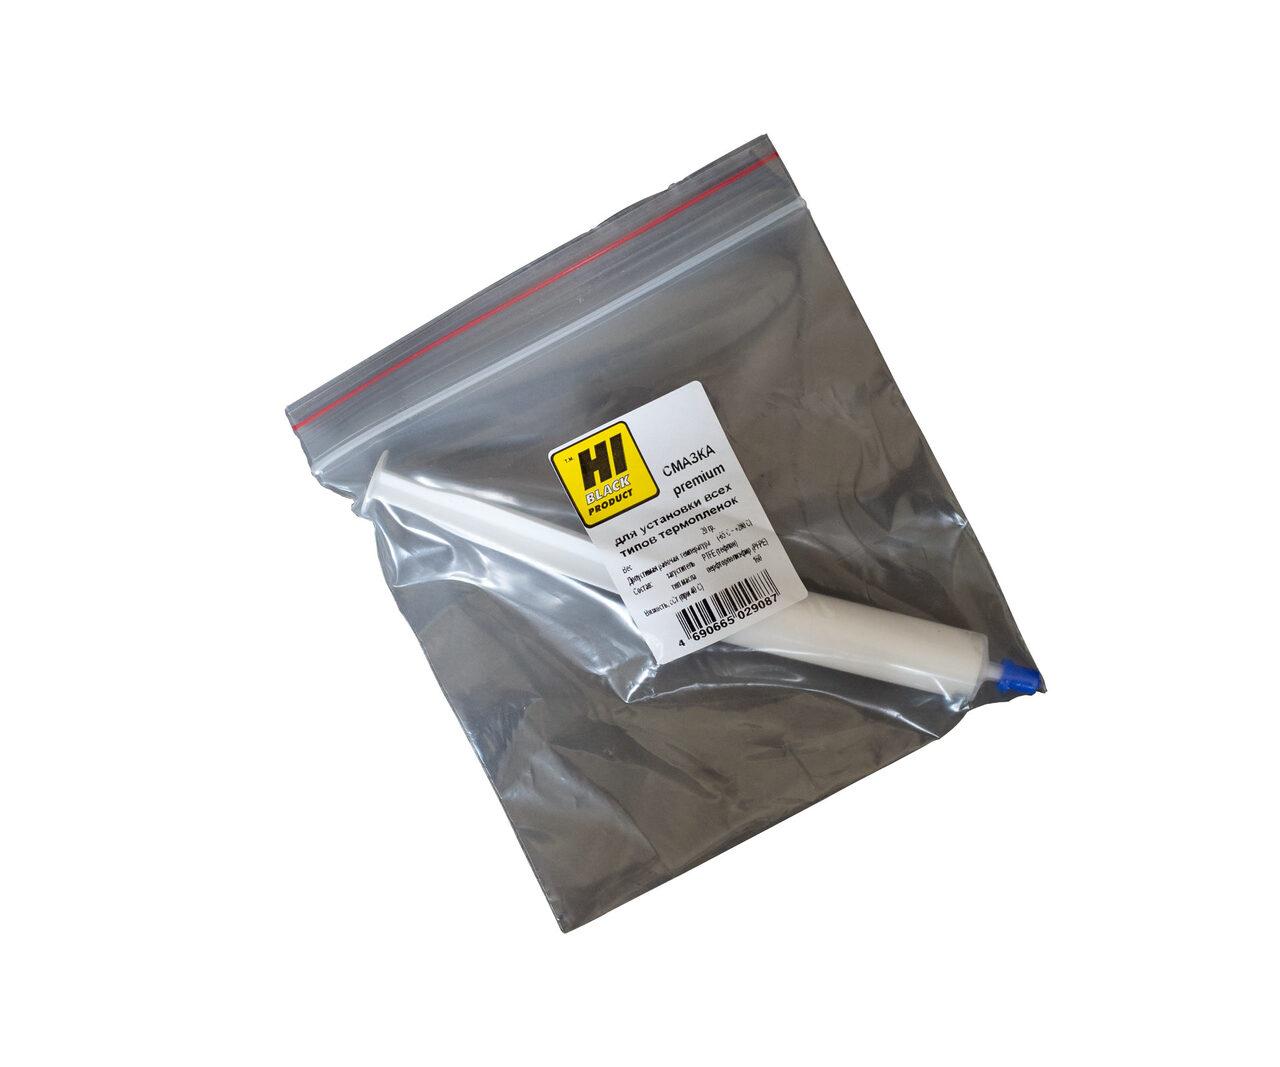 Смазка Hi-Black для установки всех типов термопленок,Premium, 20 г.